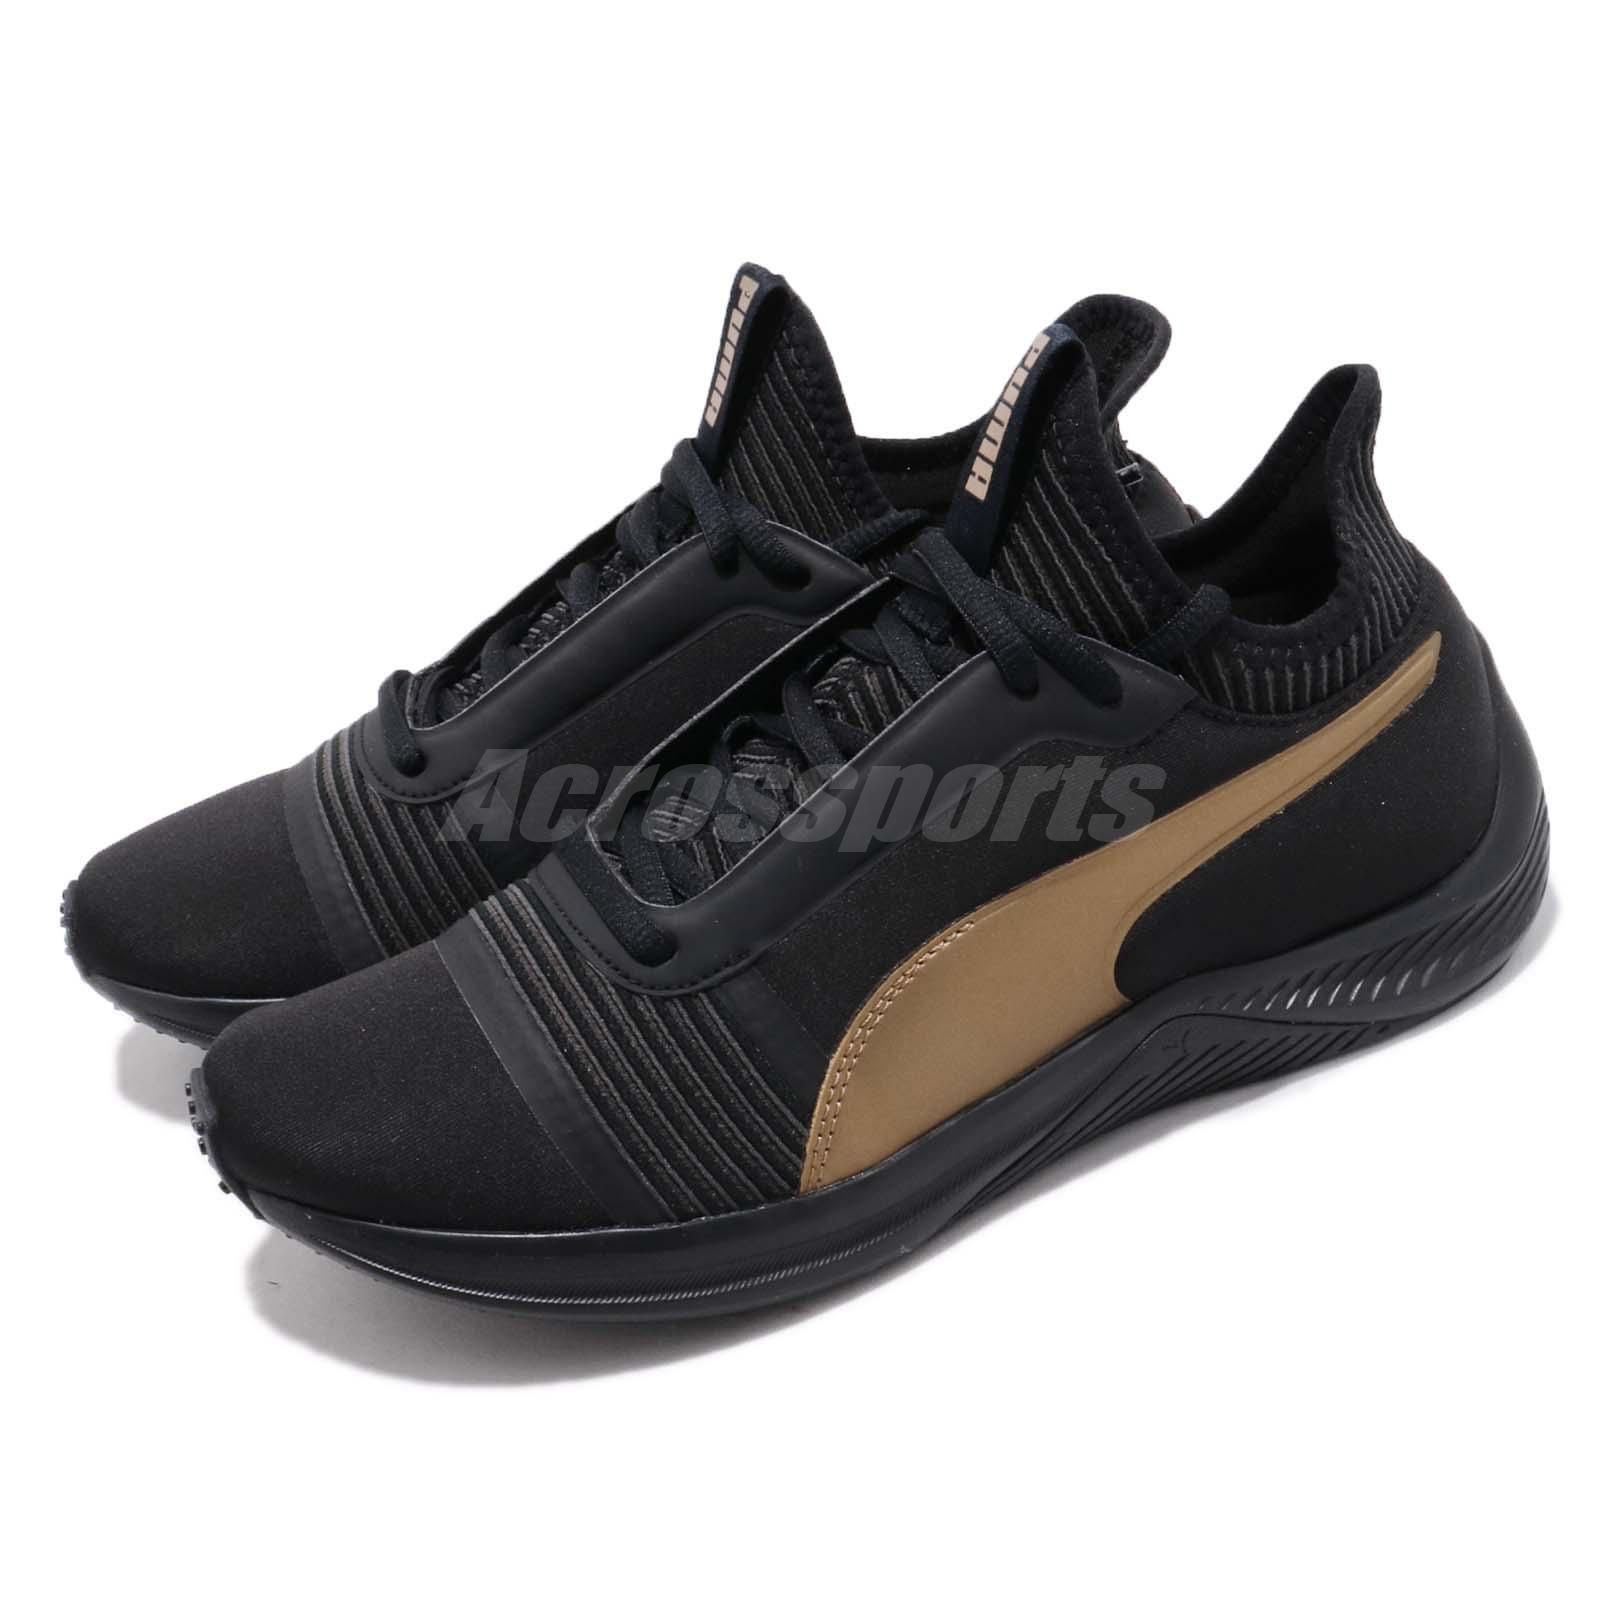 Puma Amp XT Wns noir Gold femmes Running Training Casual Chaussures Sneaker 191125-05